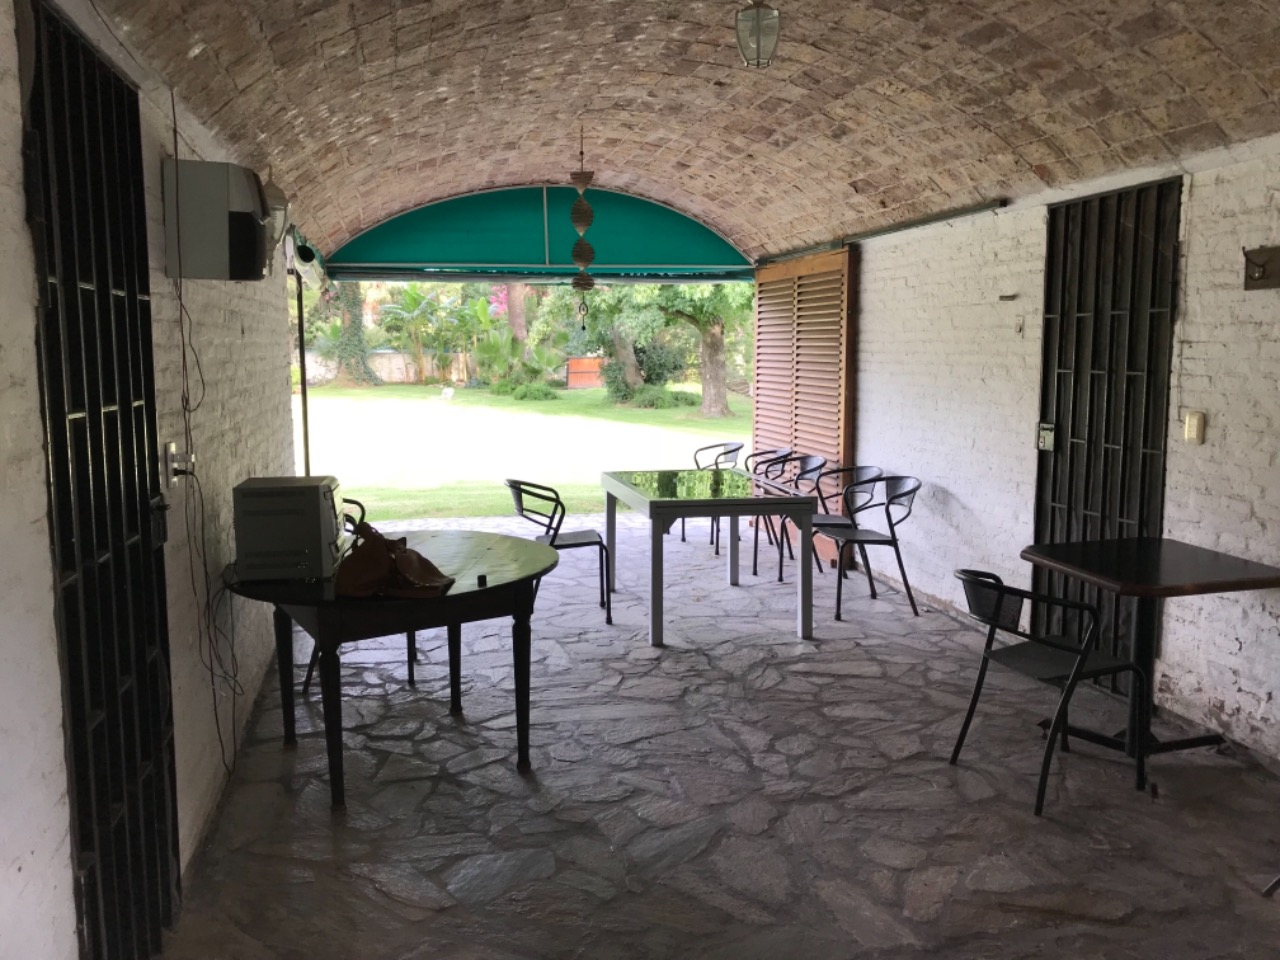 Construcción al estilo de Bóvedas catalanas